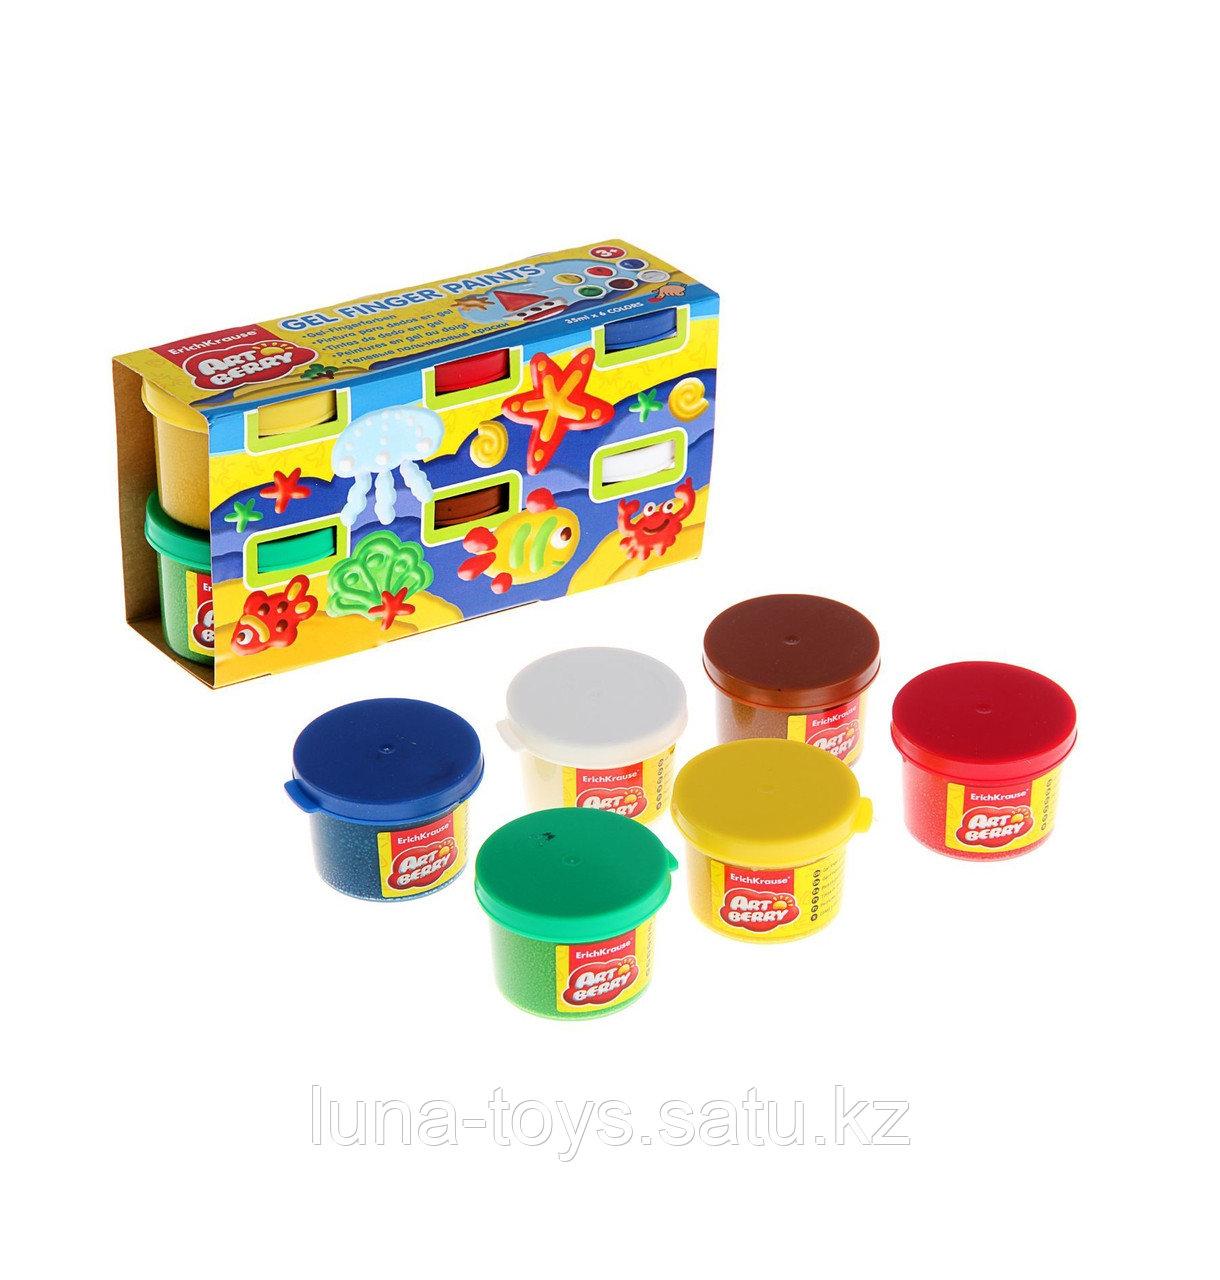 Краски пальчиковые 6 цветов по 35мл Artberry, картонный рукав, EK 34818